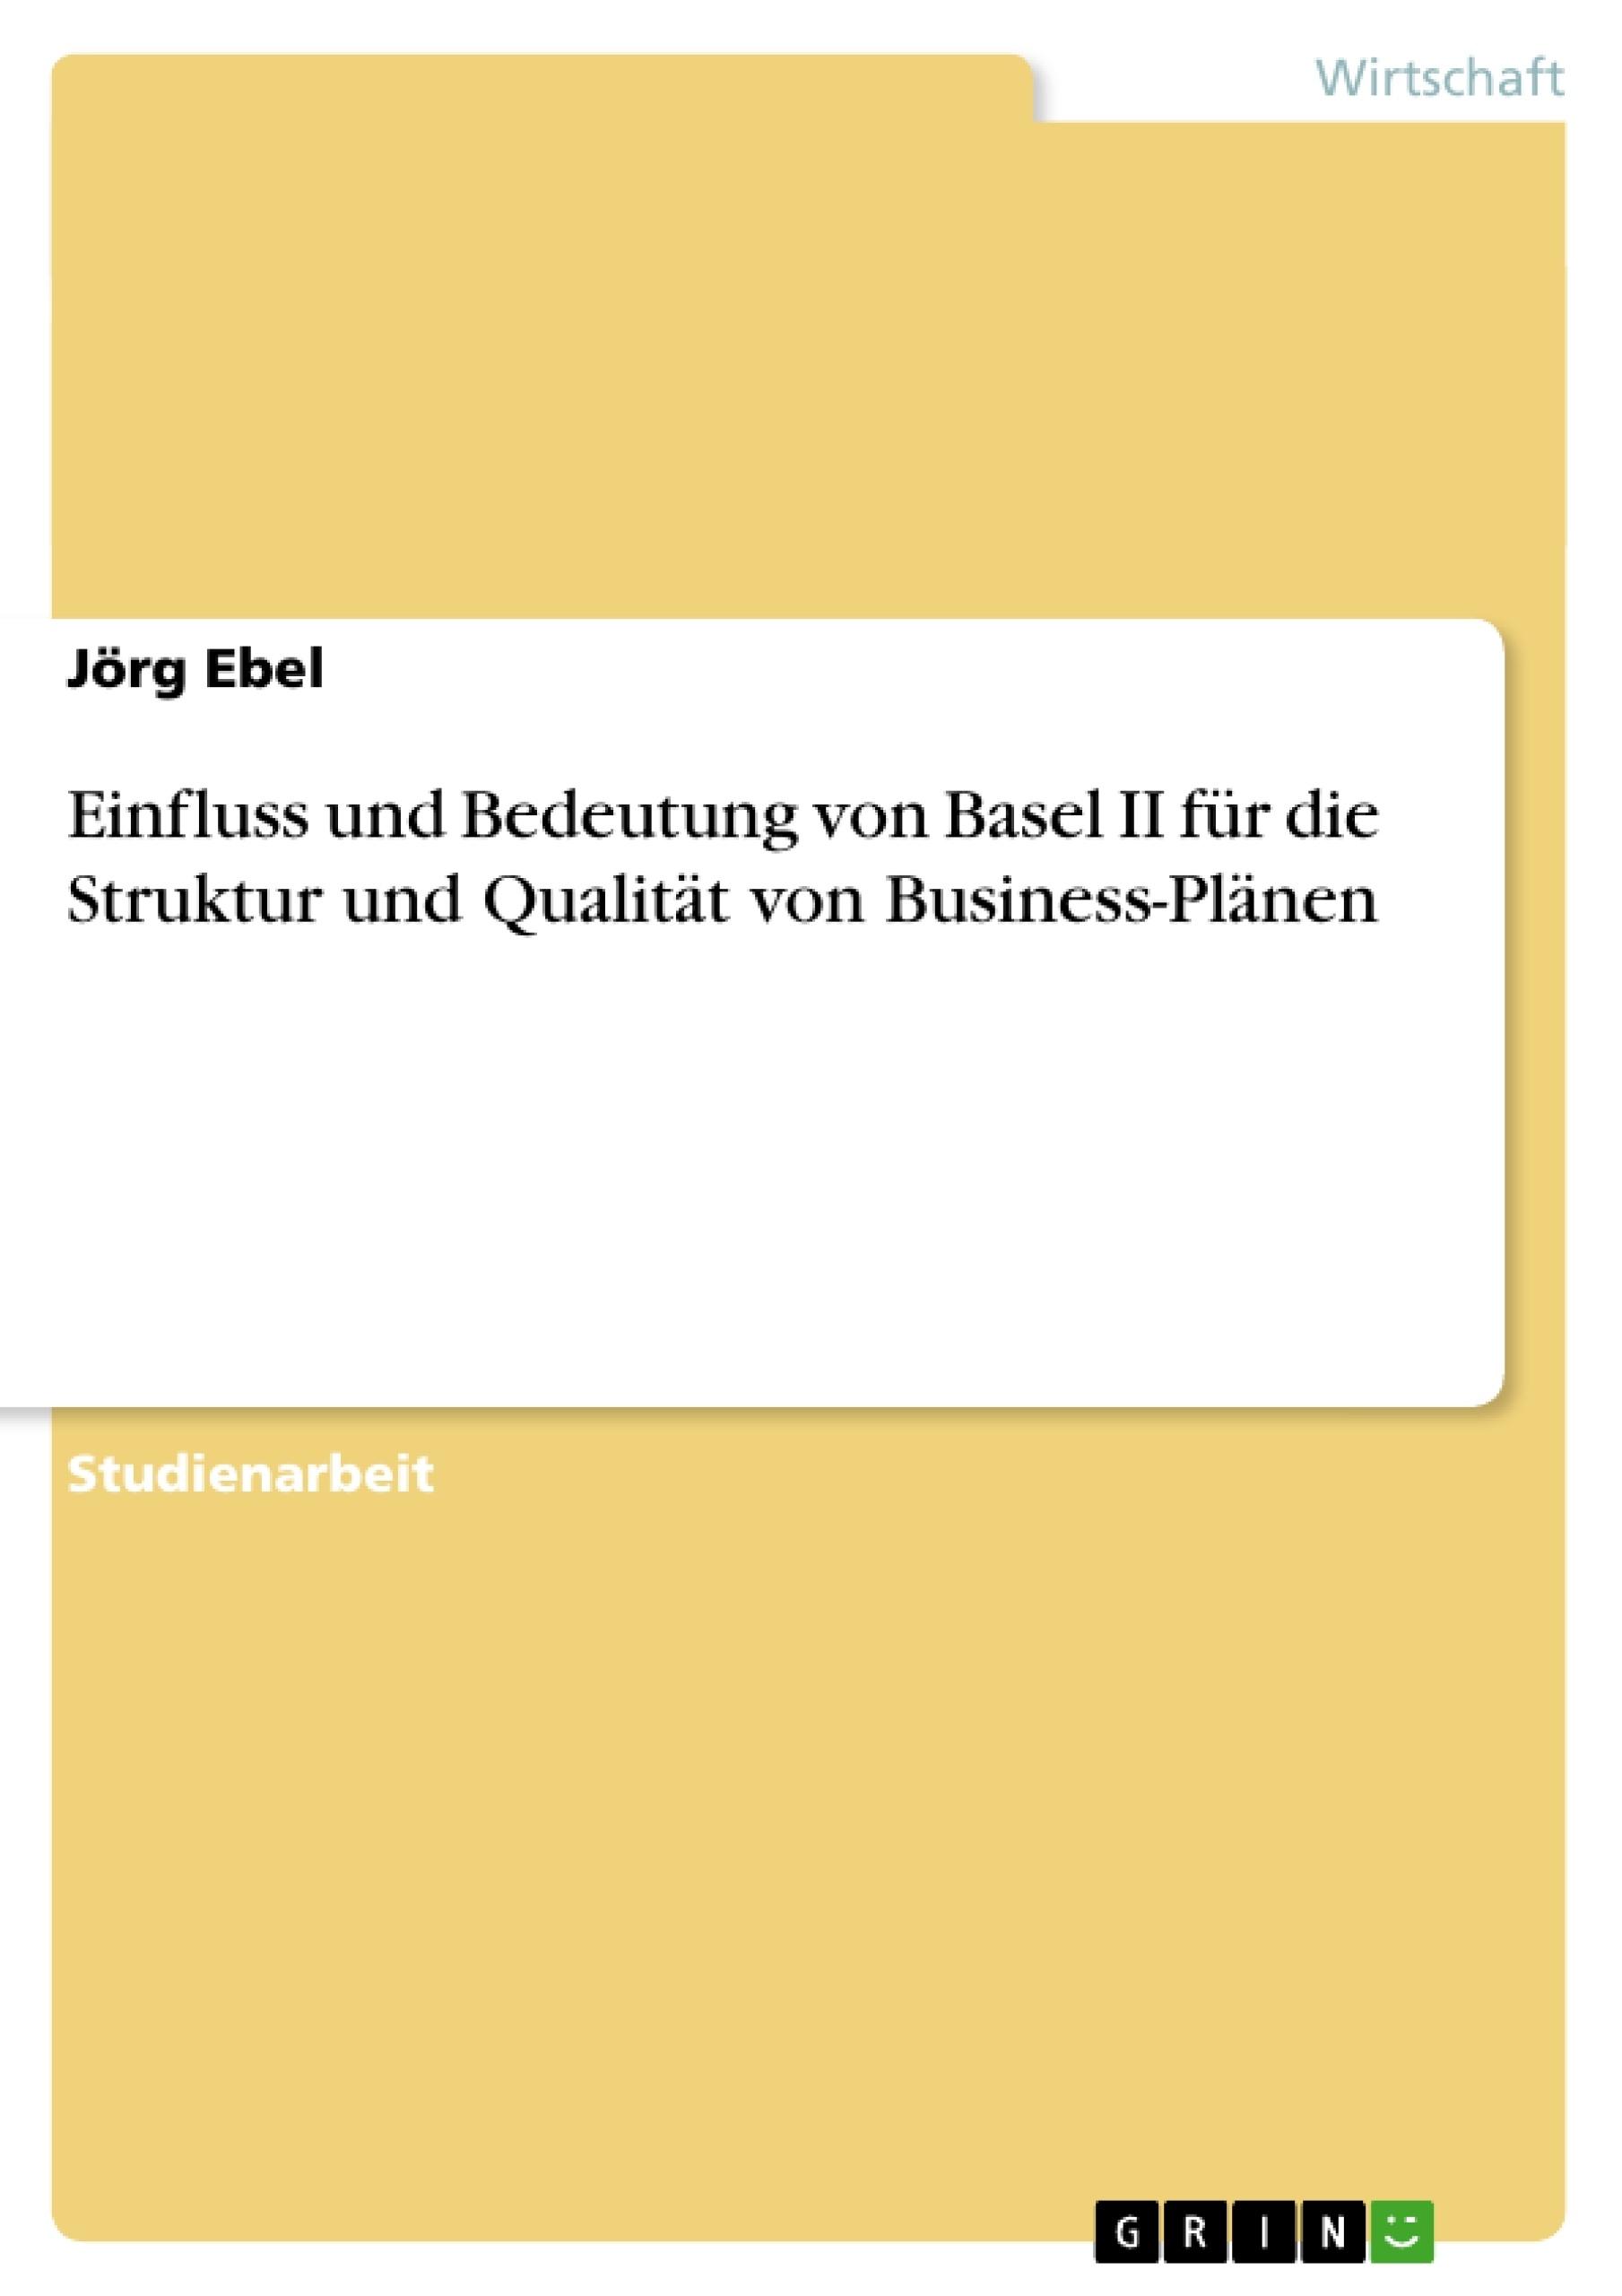 Titel: Einfluss und Bedeutung von Basel II für die Struktur und Qualität von Business-Plänen